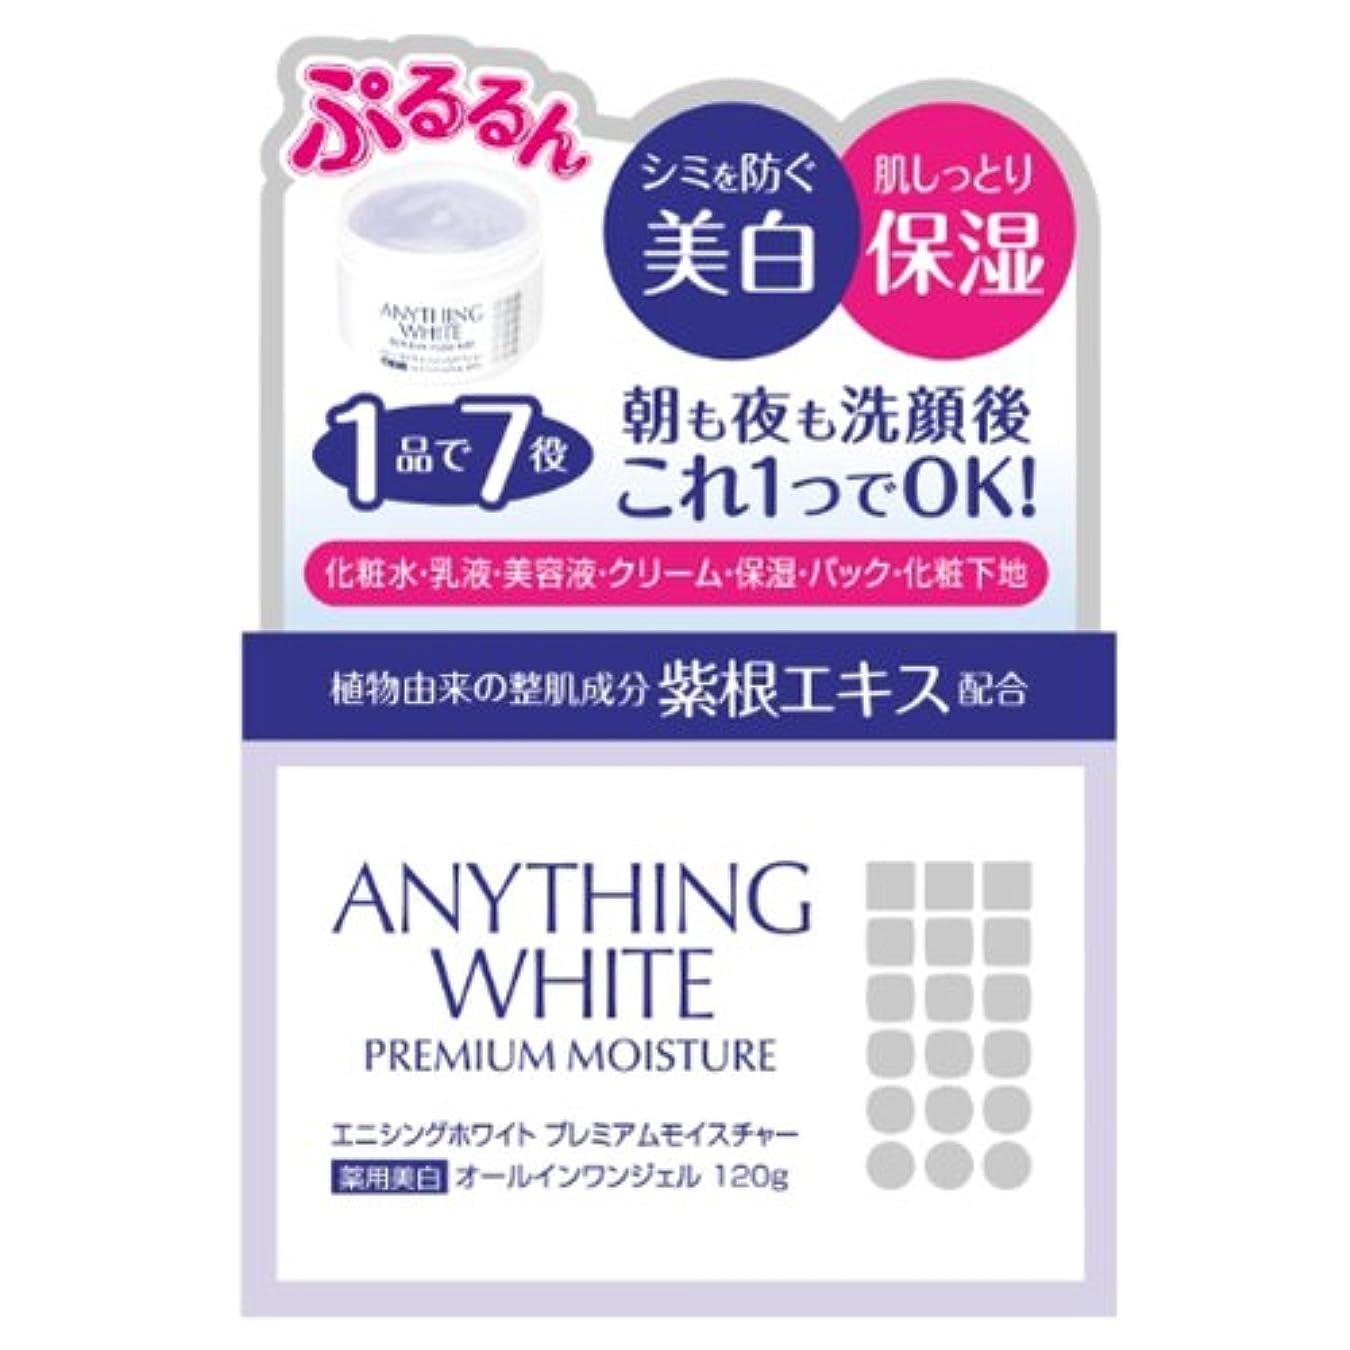 馬鹿スイッチ防腐剤エニシングホワイト プレミアムモイスチャー 120g